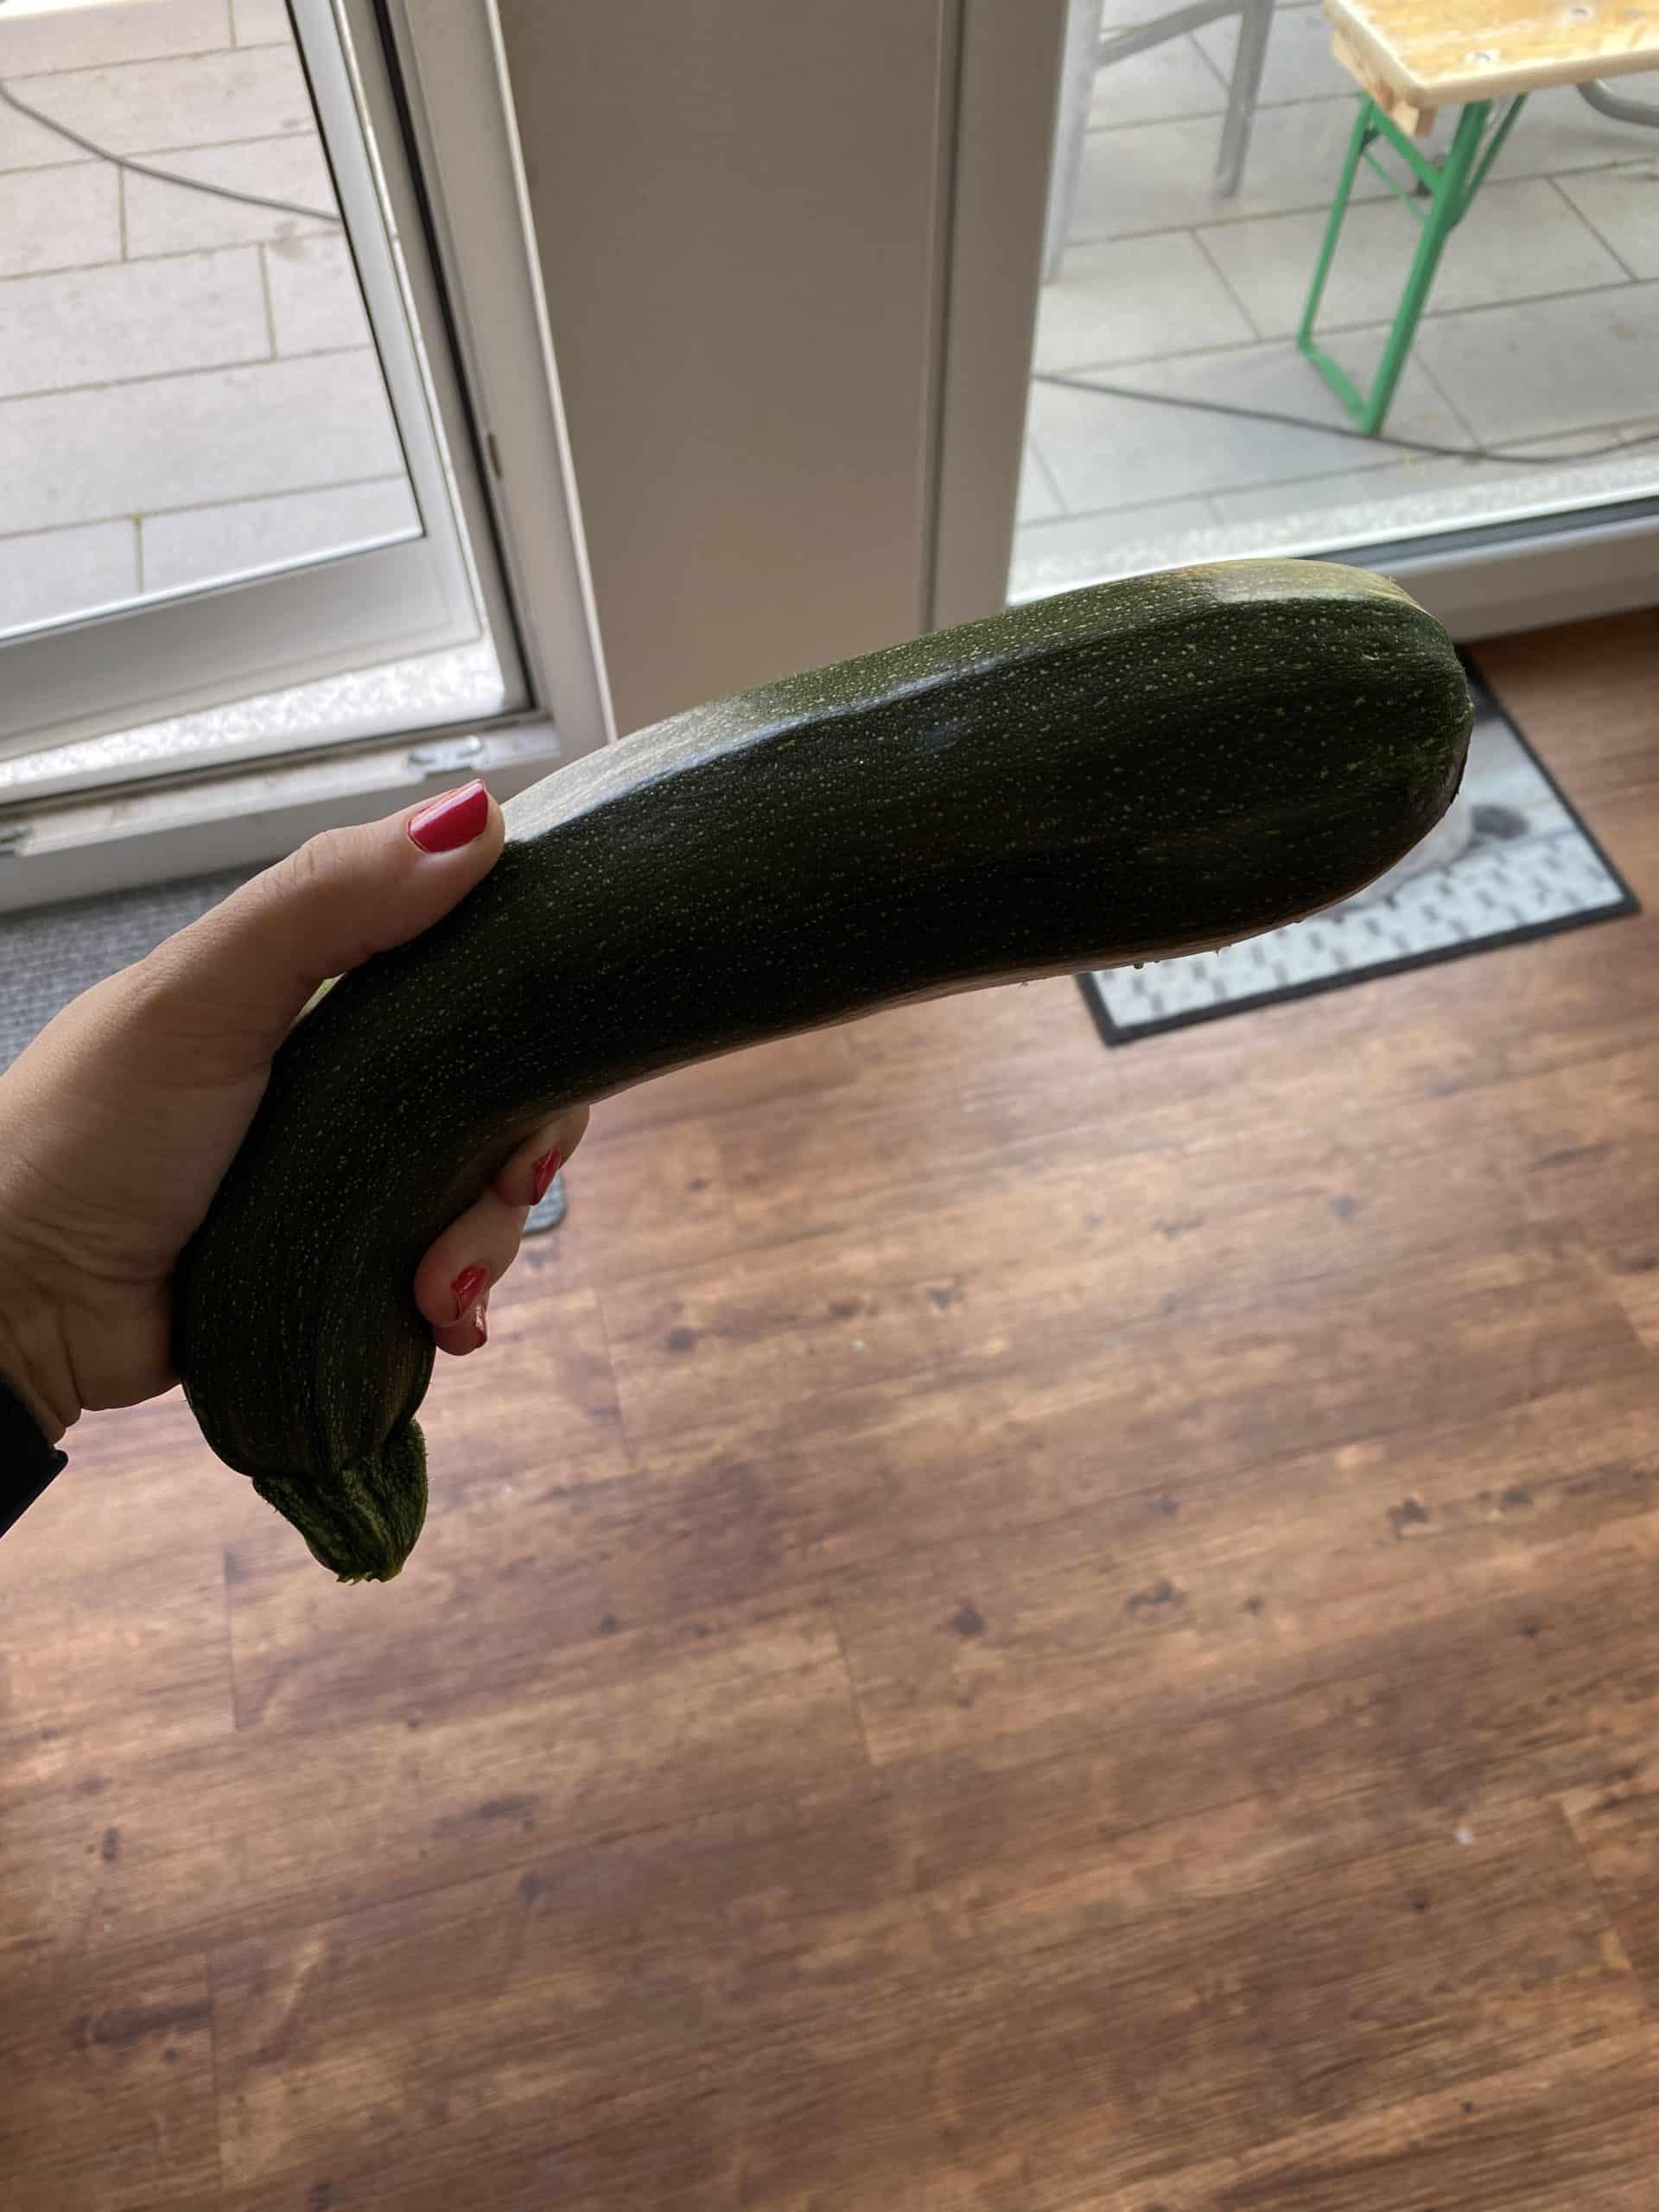 Ich pflücke etwas Zucchini im Garten. Peng PEng.